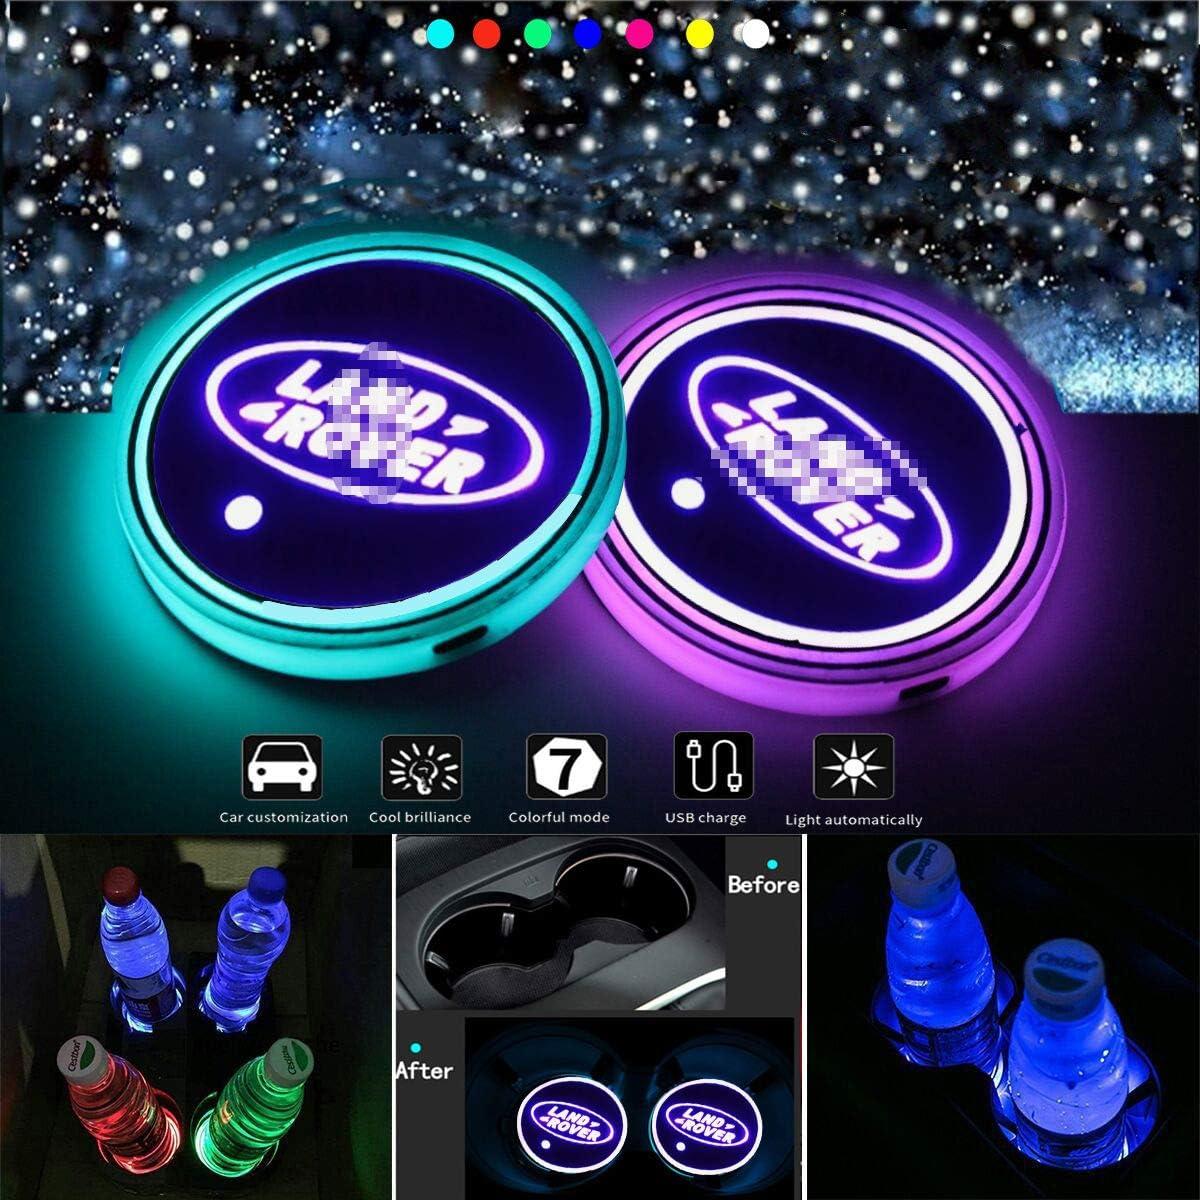 VILLSION Porte-gobelet LED Voiture 7 Couleurs /étanche IP67 Porte-gobelet de Chargement USB Porte-Boisson LED Lumi/ère int/érieure de Voiture Ambiance Lampe Choisissez Le nom de Votre Voiture